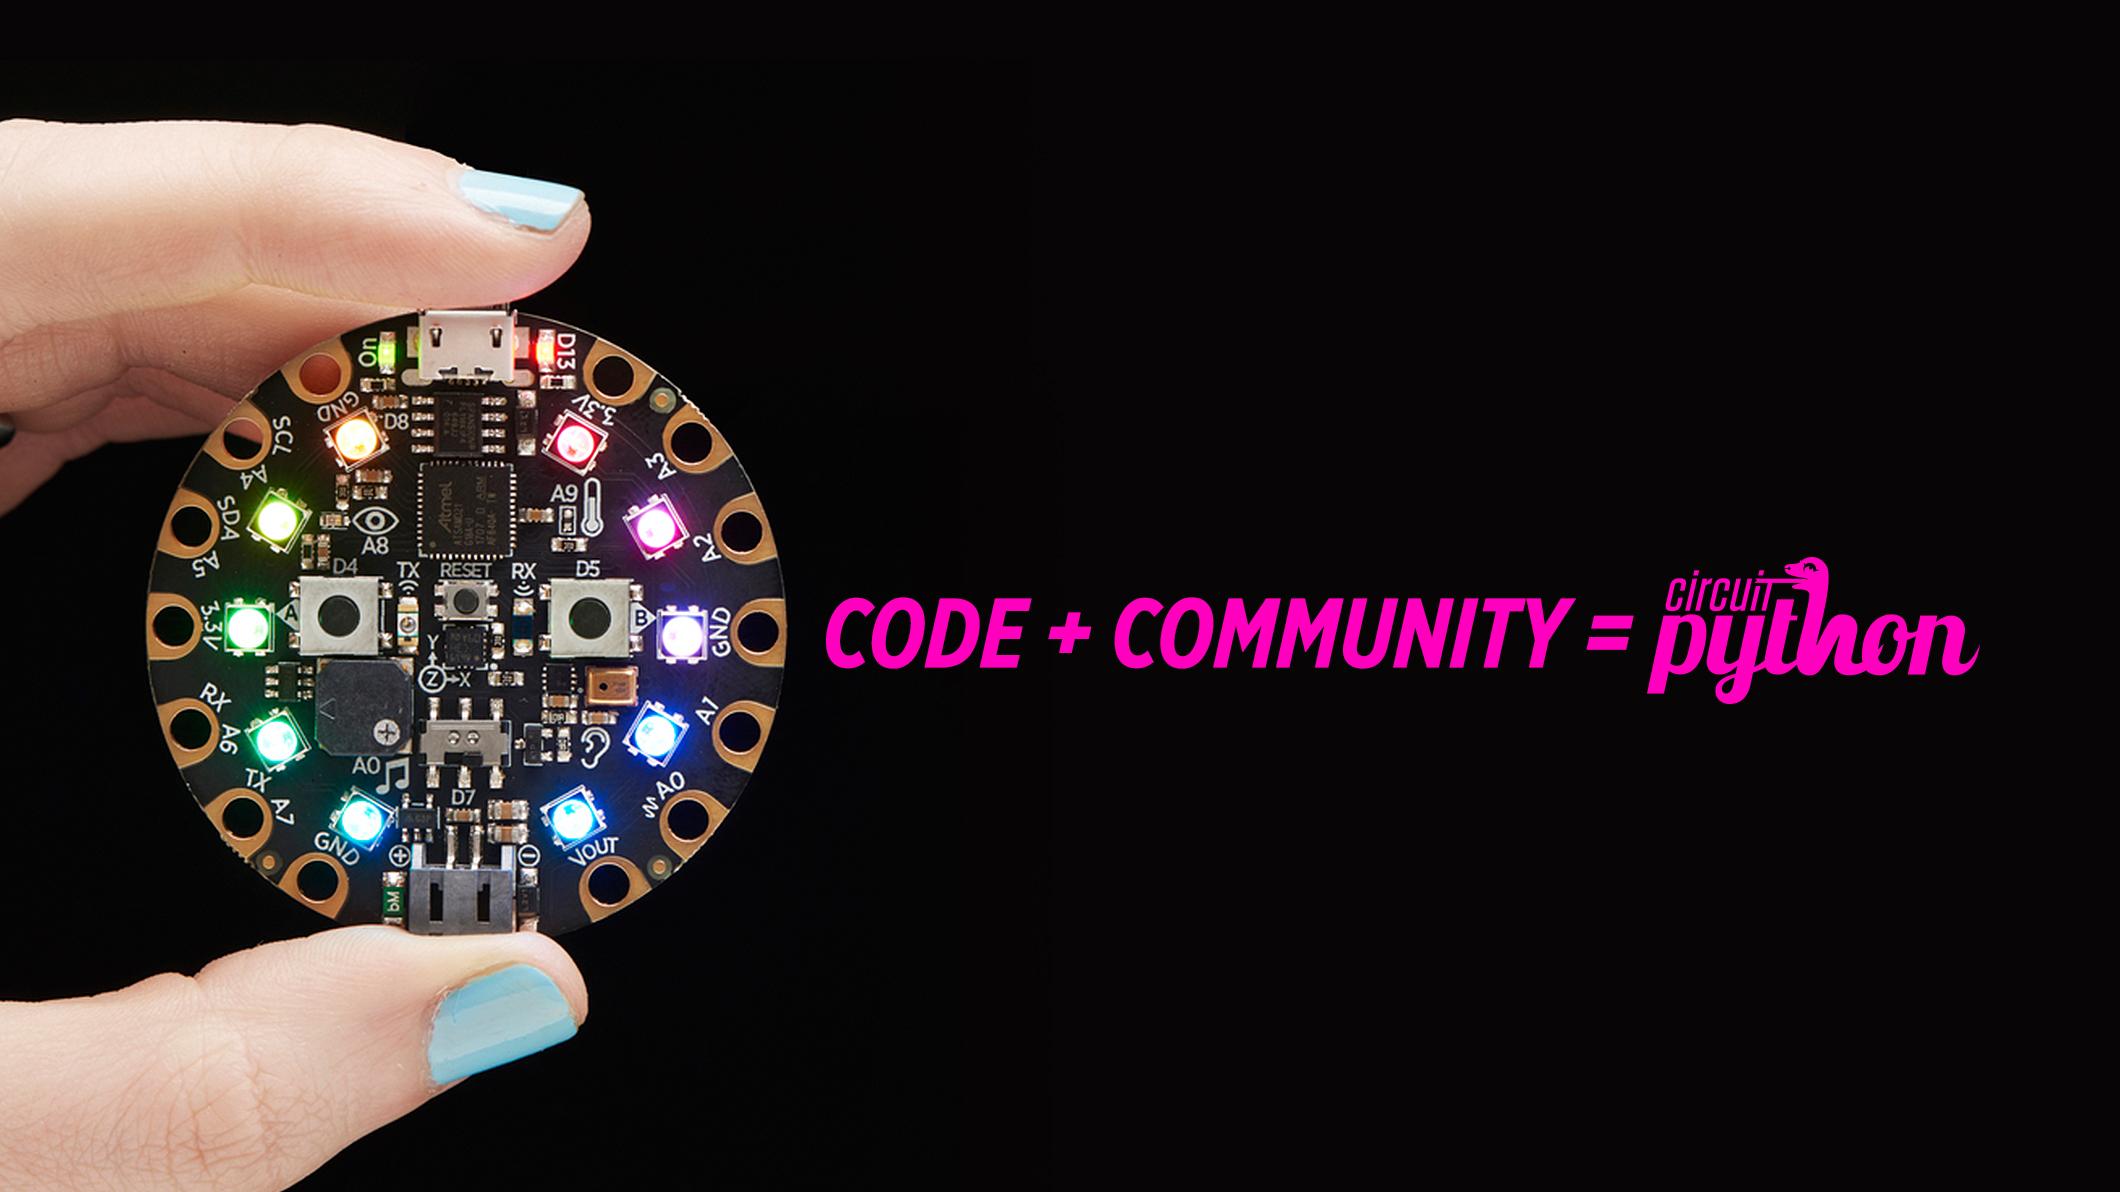 microcontrollers_circuitpython_adafruit_code_community_googleplus.jpg